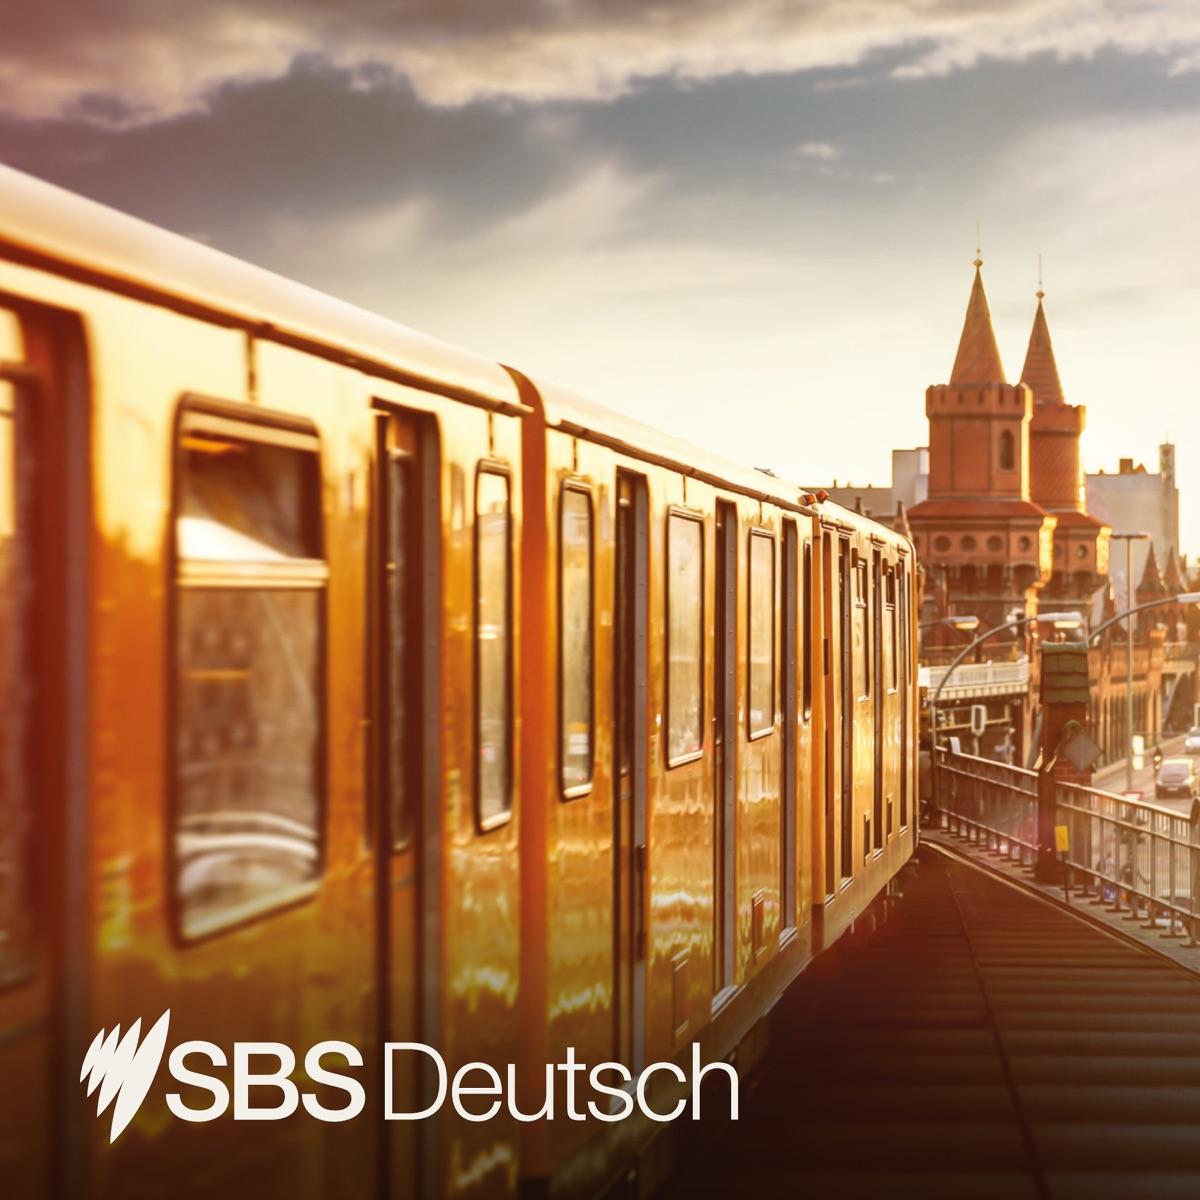 SBS German - SBS Deutsch